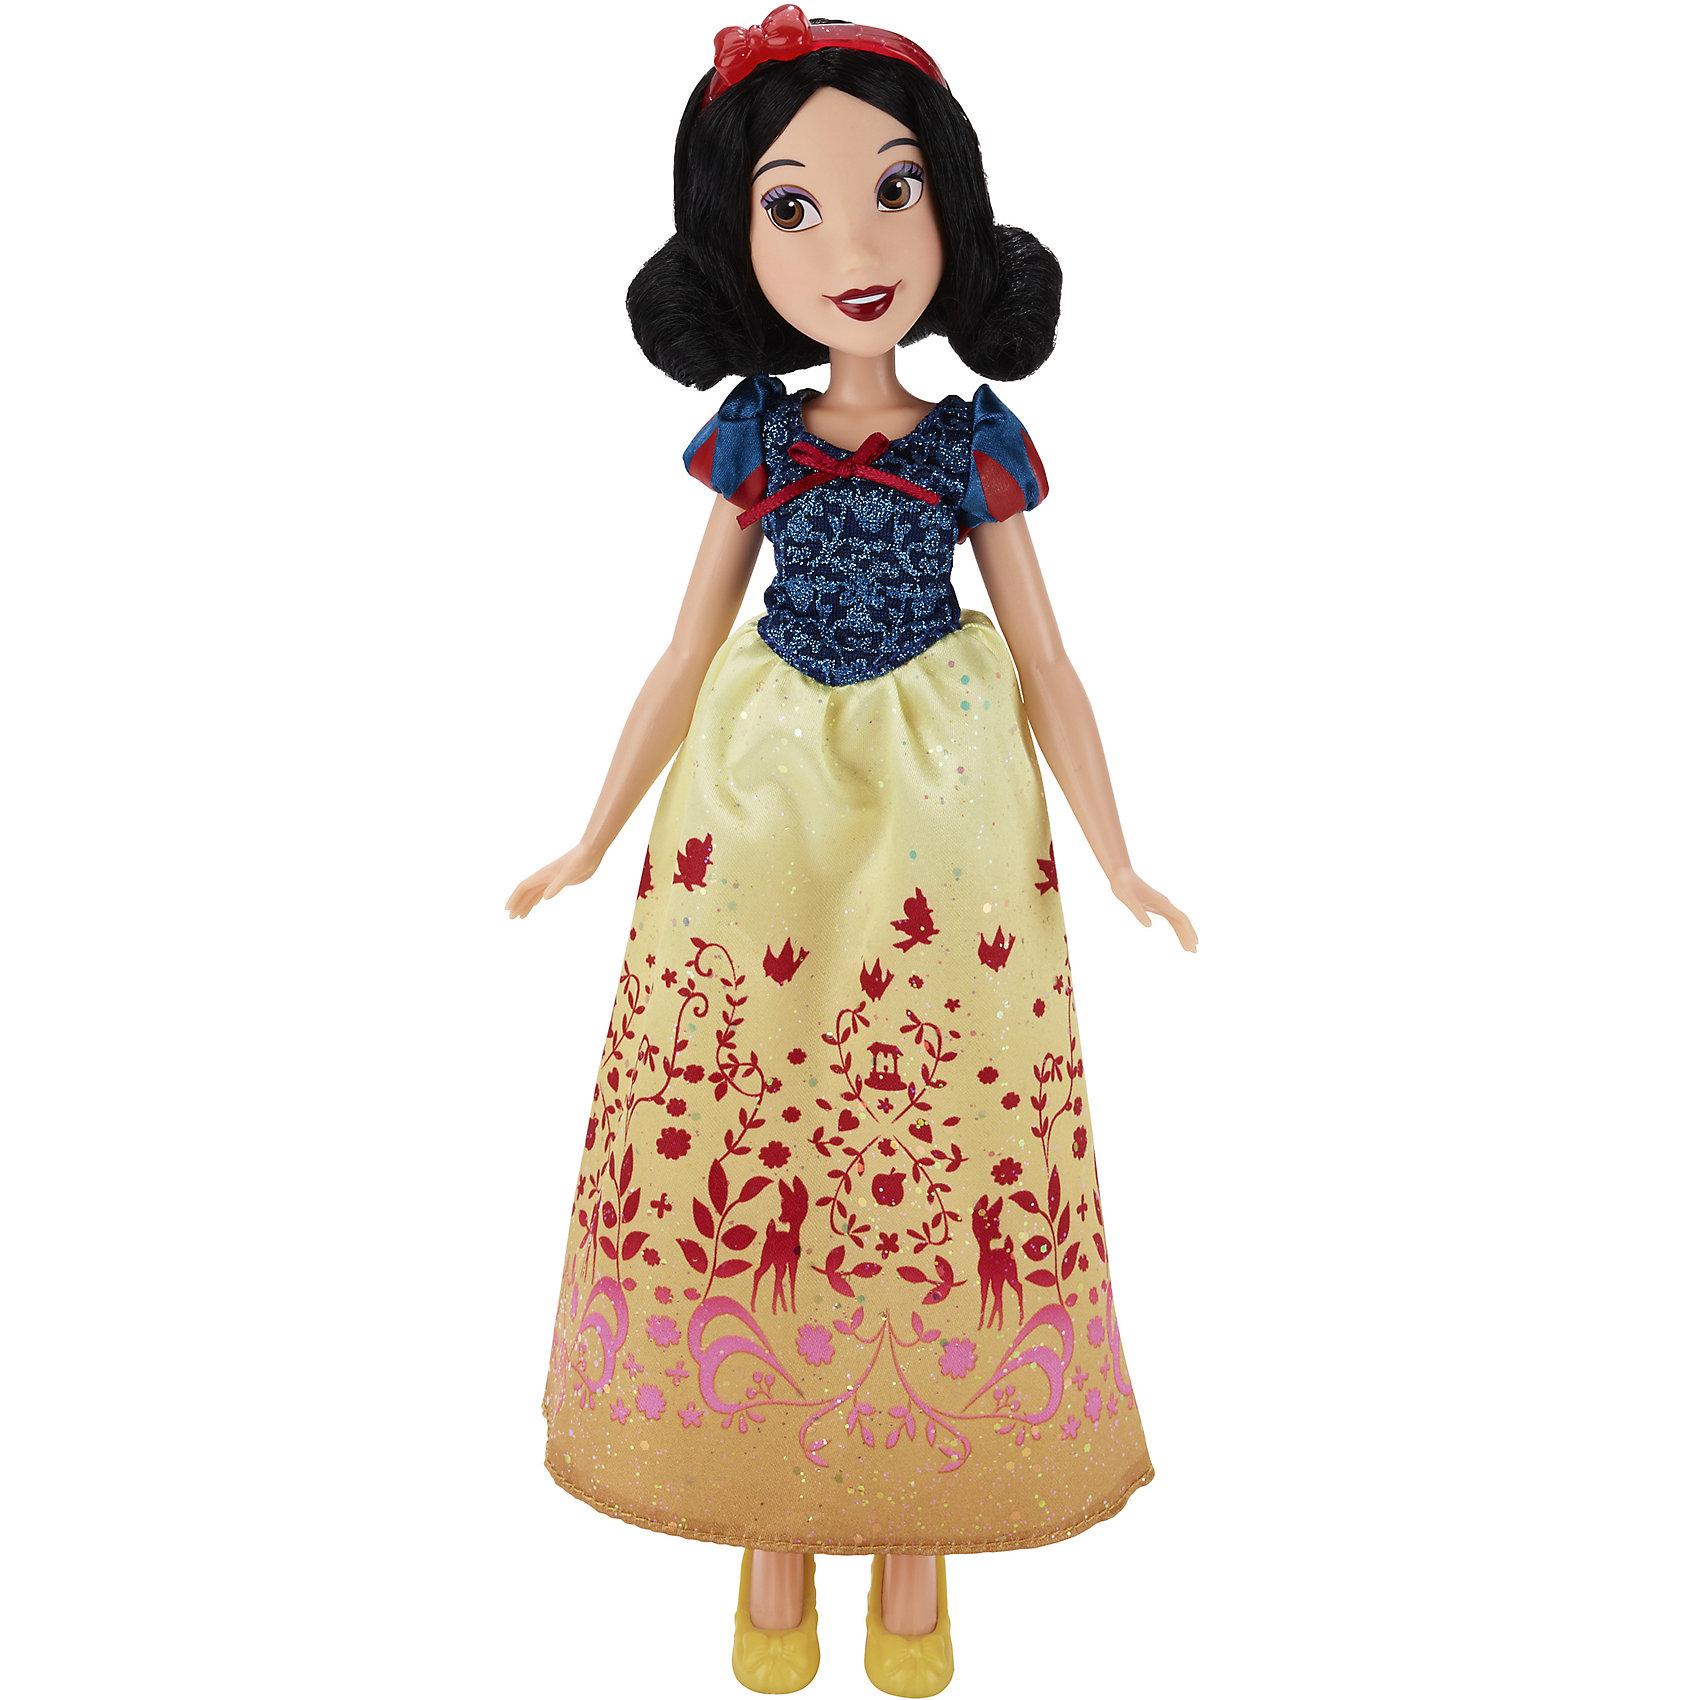 Классическая модная кукла Принцесса Белоснежка, B6446/B5289Игрушки<br>Классическая модная кукла Принцесса, B6446/B5289.<br><br>Характеристики:<br><br>- Материал: пластмасса, текстиль.<br>- Высота куклы: 28 см.<br>- Размер упаковки: 15х5х36 см.<br><br>Симпатичная кукла представлена в образе прекрасной принцессы Disney Белоснежки из мультипликационного сериала Белоснежка и семь гномов. Она одета в нарядное платье, украшенное изящным узором, и туфельки на каблуке в тон наряду. Прическу украшает красный пластиковый ободок с бантиком. Макияж Белоснежки достаточно яркий. Губы подкрашены помадой вишневого оттенка, а глаза подведены серо-сиреневыми тенями. У куклы невероятно красивые темные волосы, которые можно расчесывать и заплетать. Подвижные ручки, ножки и голова позволяют кукле принимать множество реалистичных поз. Очаровательная детализированная кукла приведет в восторг вашу малышку и отлично дополнит ее коллекцию диснеевских принцесс.<br><br>Классическую модную куклу Принцесса, B6446/B5289 можно купить в нашем интернет-магазине.<br><br>Ширина мм: 51<br>Глубина мм: 152<br>Высота мм: 860<br>Вес г: 215<br>Возраст от месяцев: 36<br>Возраст до месяцев: 144<br>Пол: Женский<br>Возраст: Детский<br>SKU: 5064735